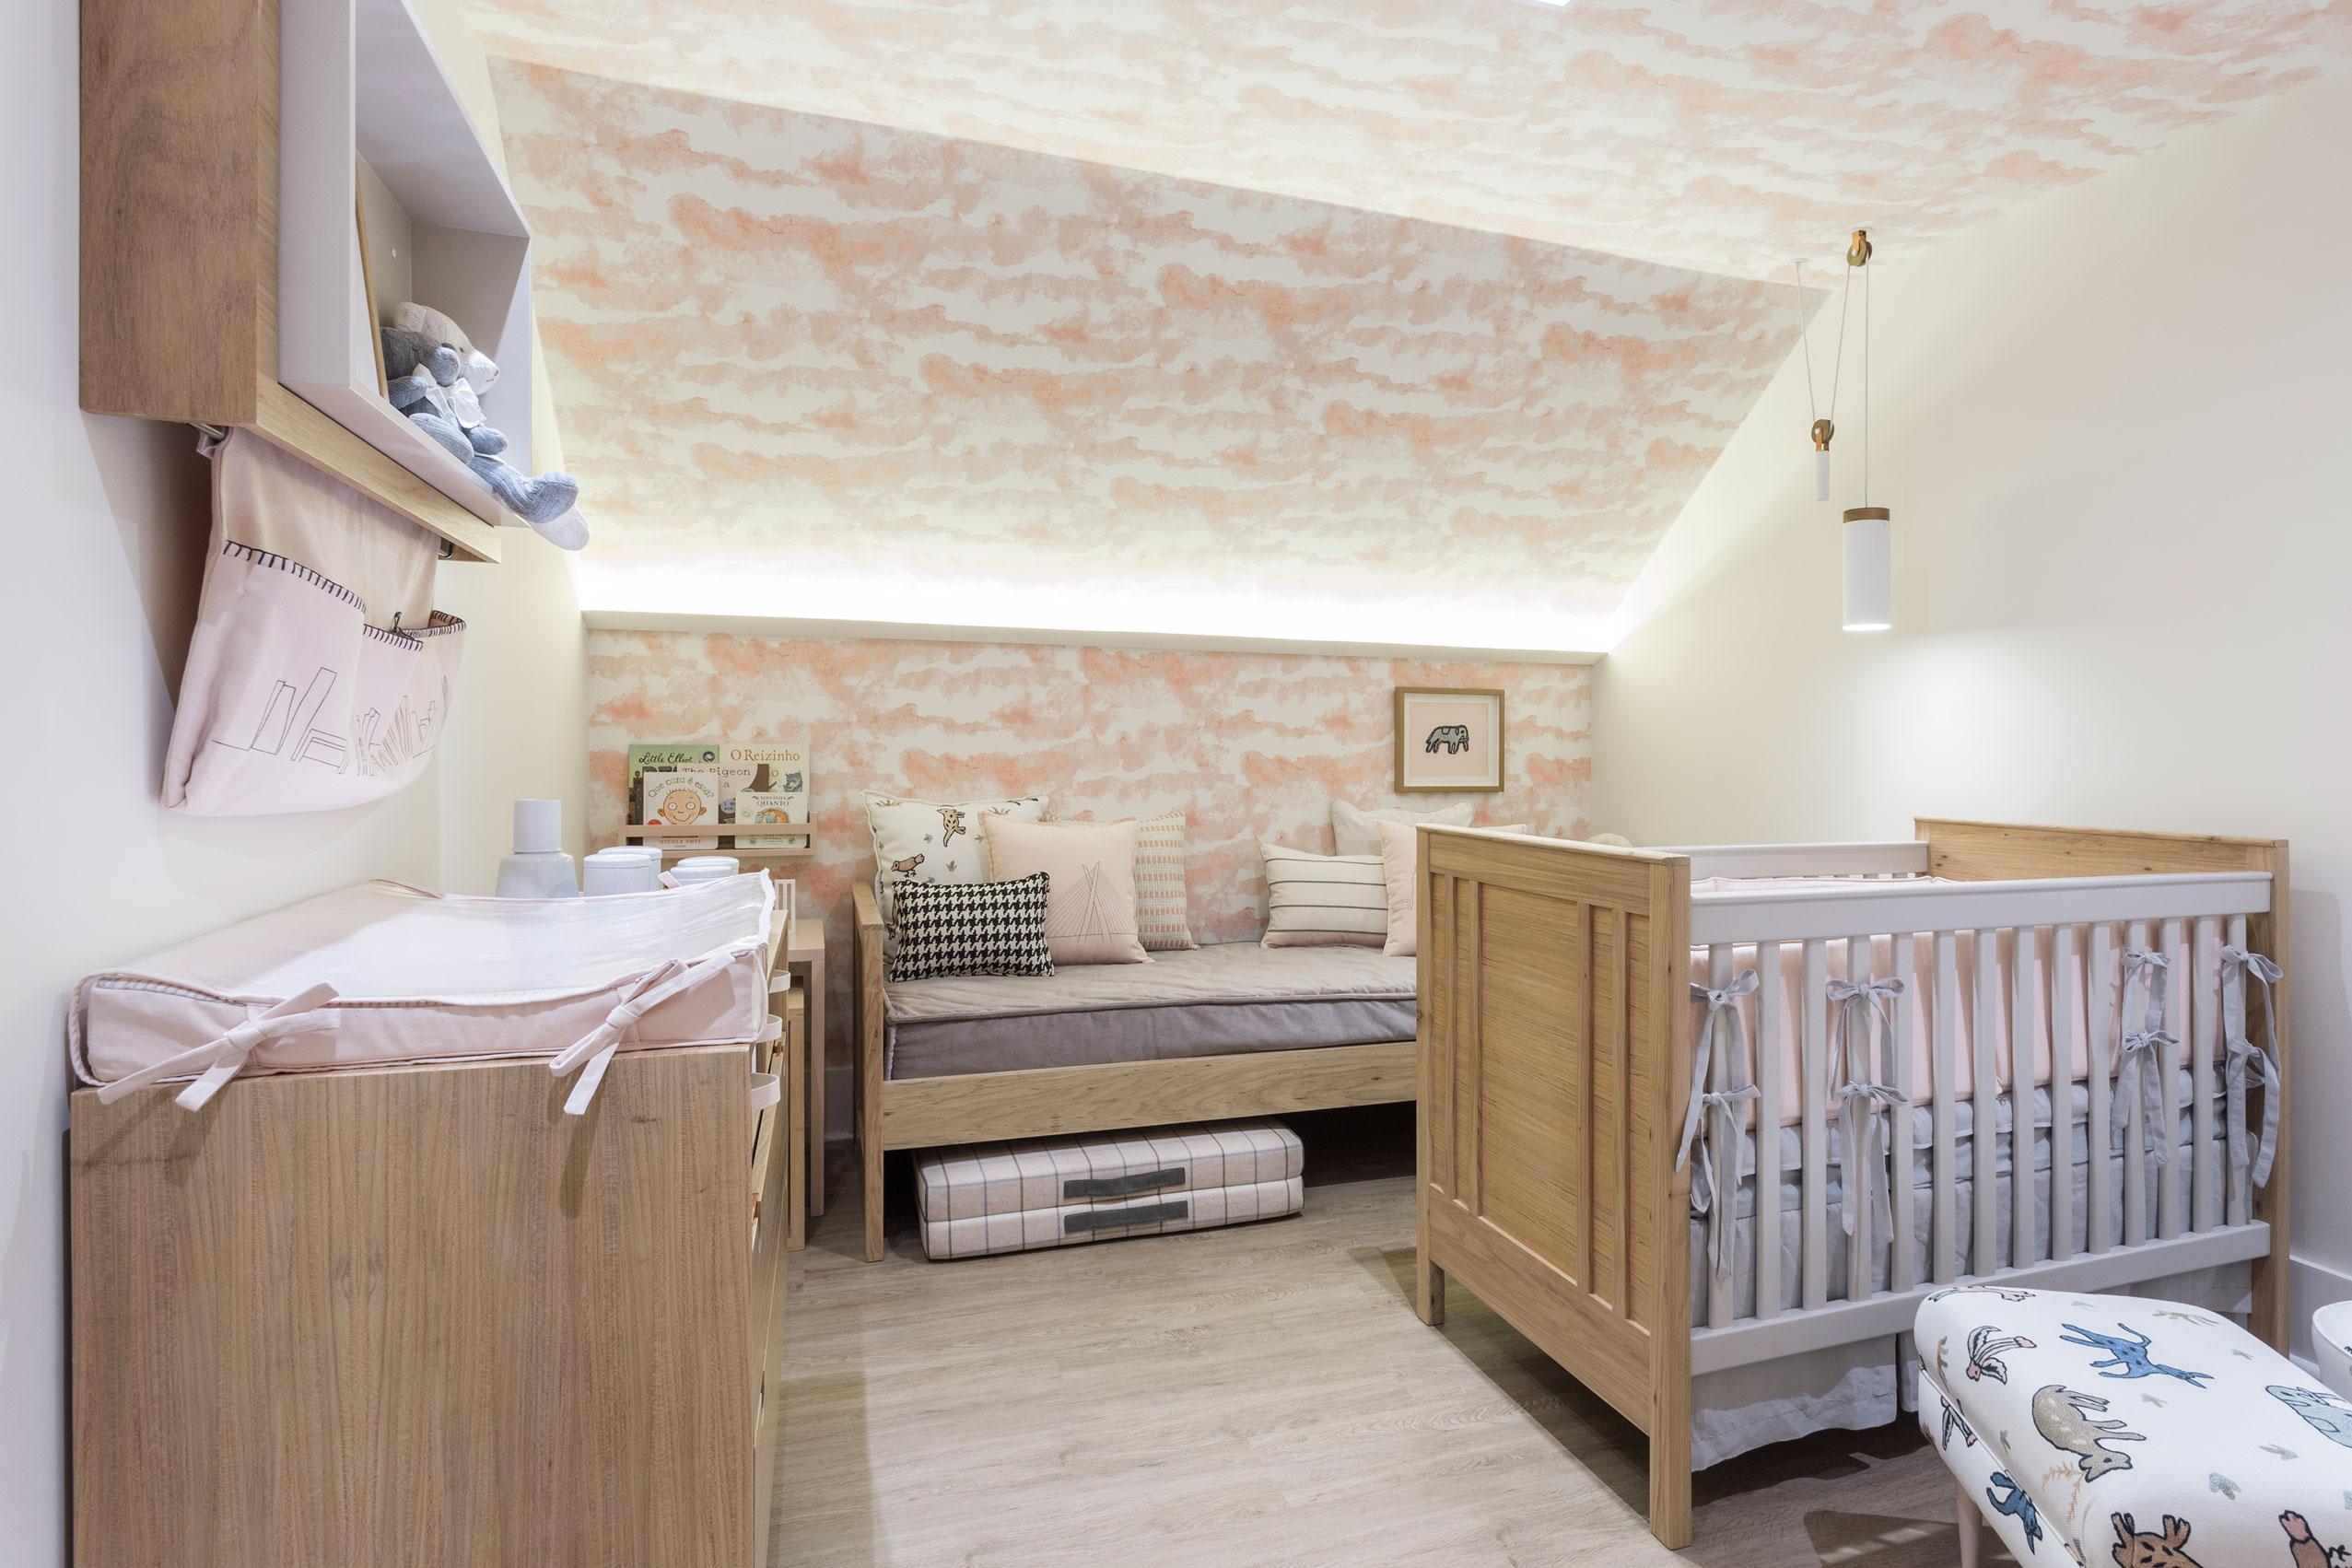 Inspirado na grande metrópole, a arquiteta escolheu para o quarto de uma bebê com pais urbanos as cores de rosa queimado e cinza claro, além de escolherem como vista do apartamento a Ponte Estaiada.